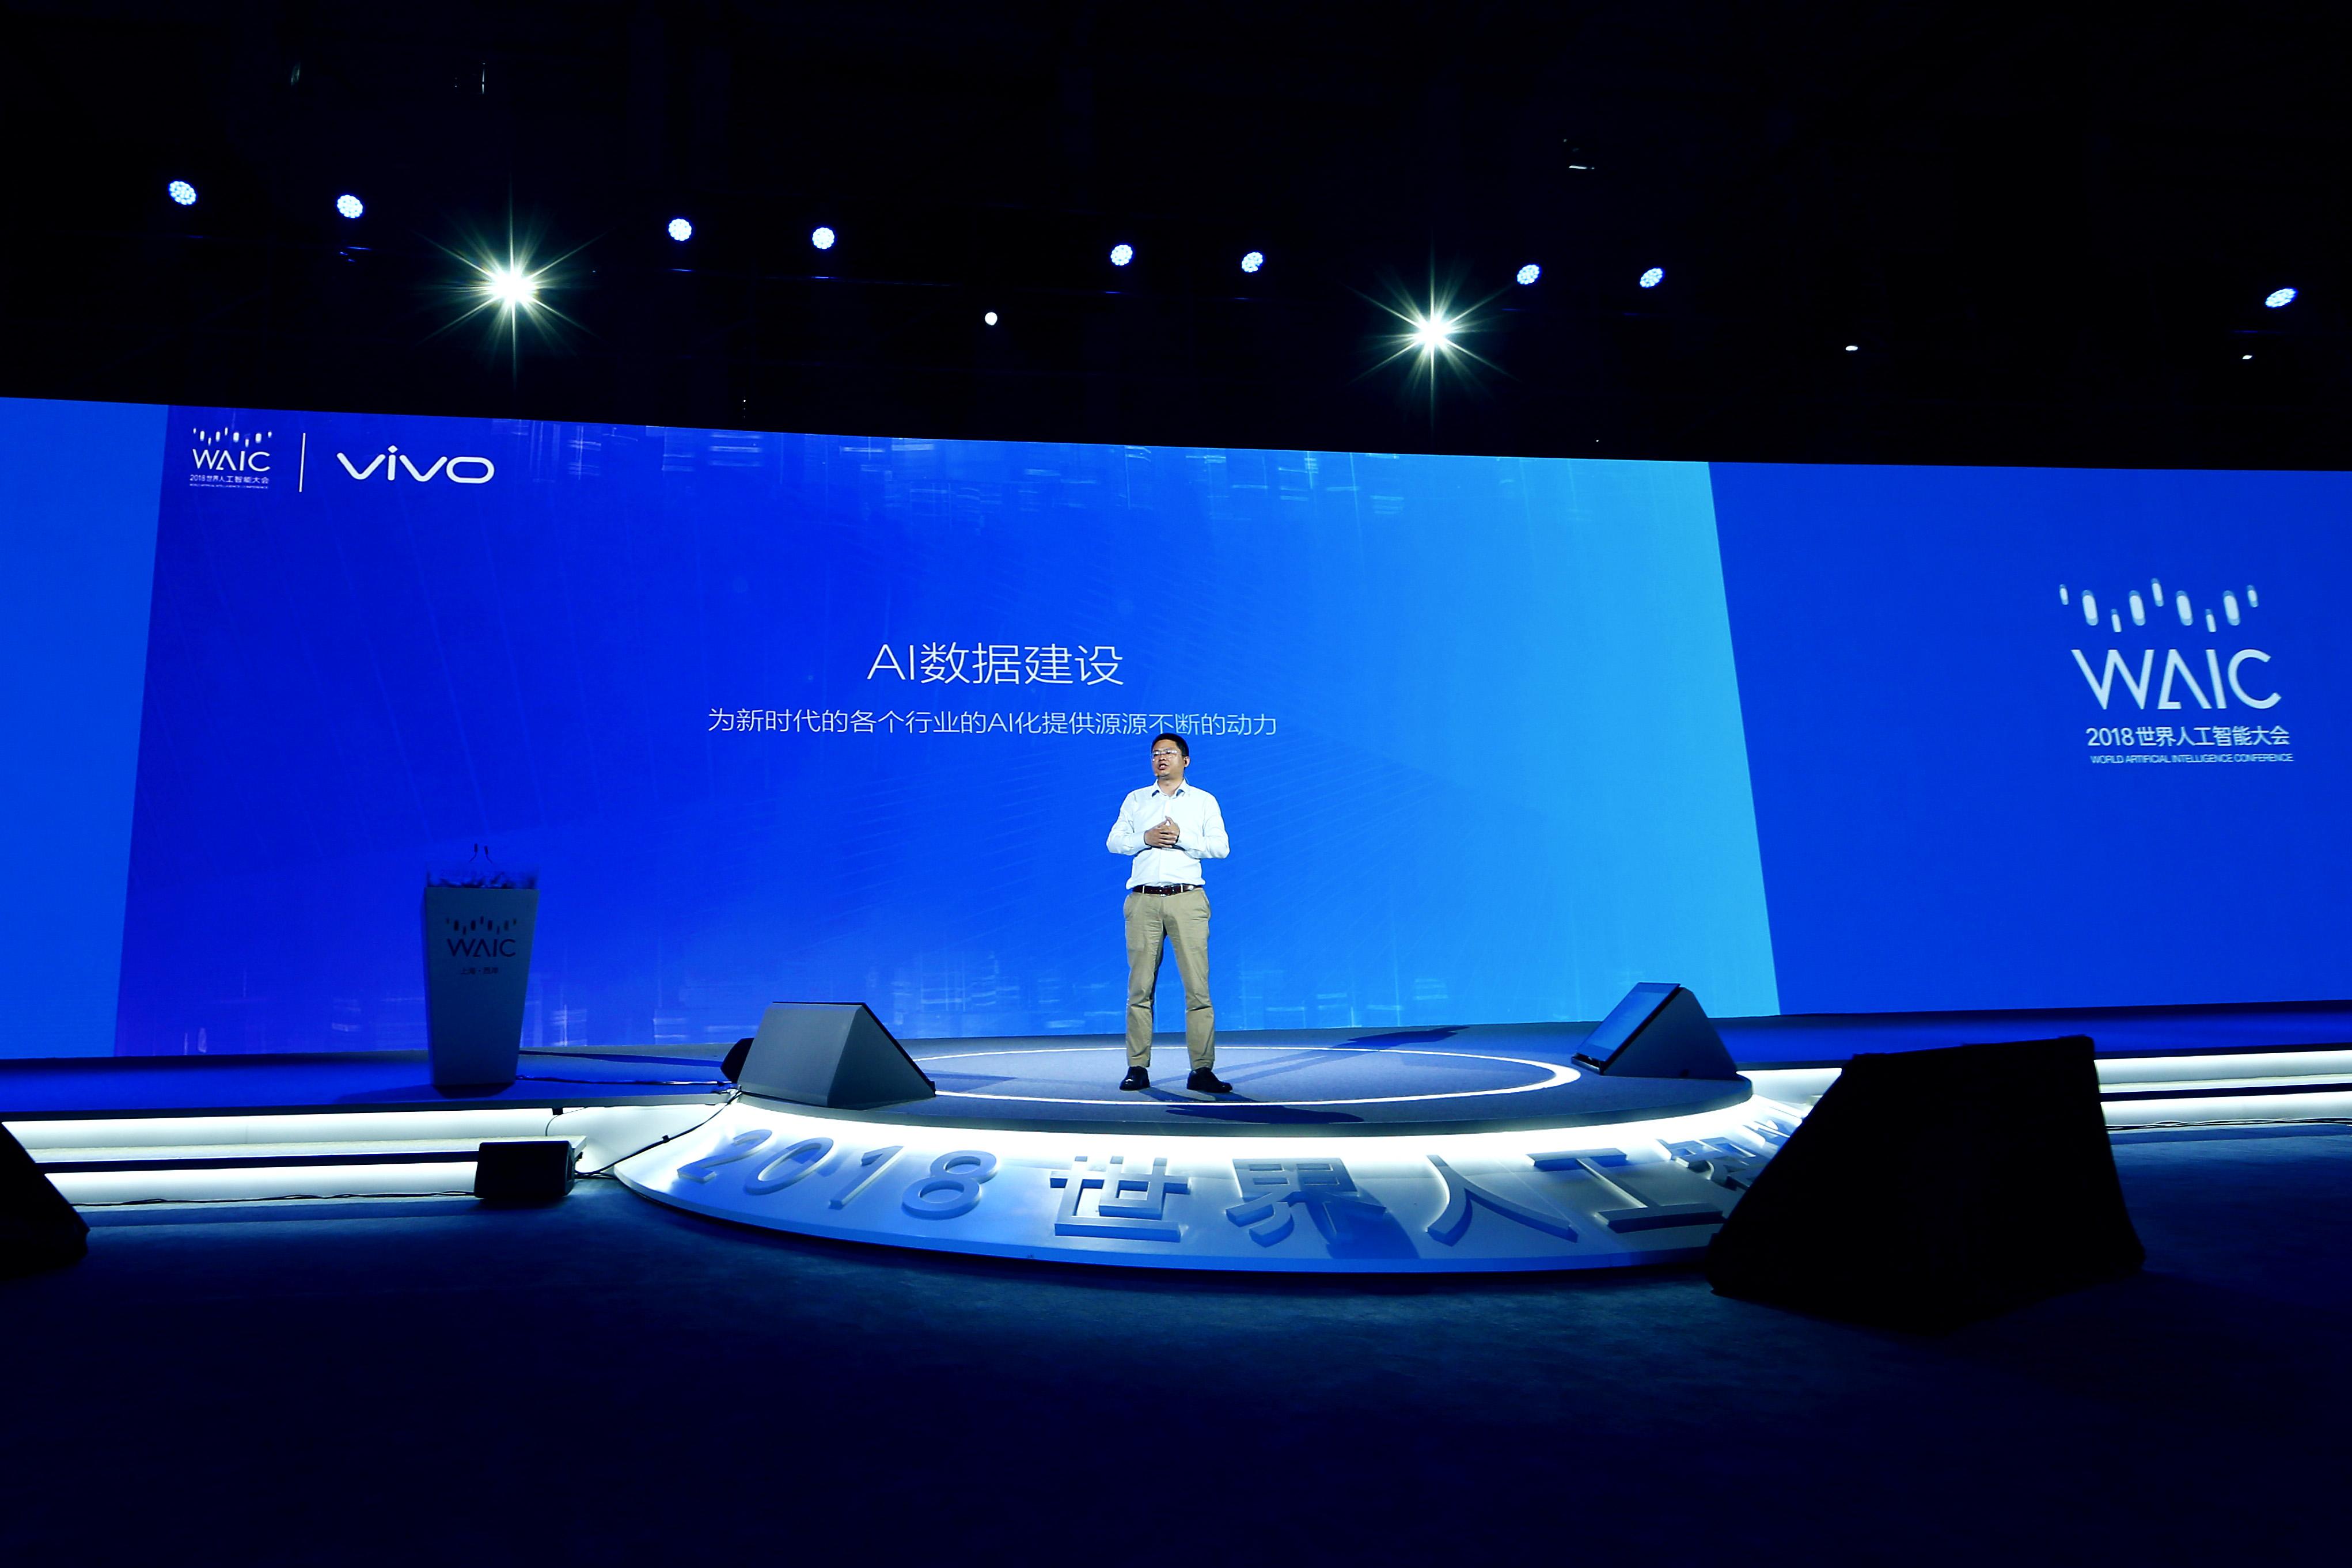 """vivo世界人工智能大会上正式公布""""AI金字塔战略"""""""